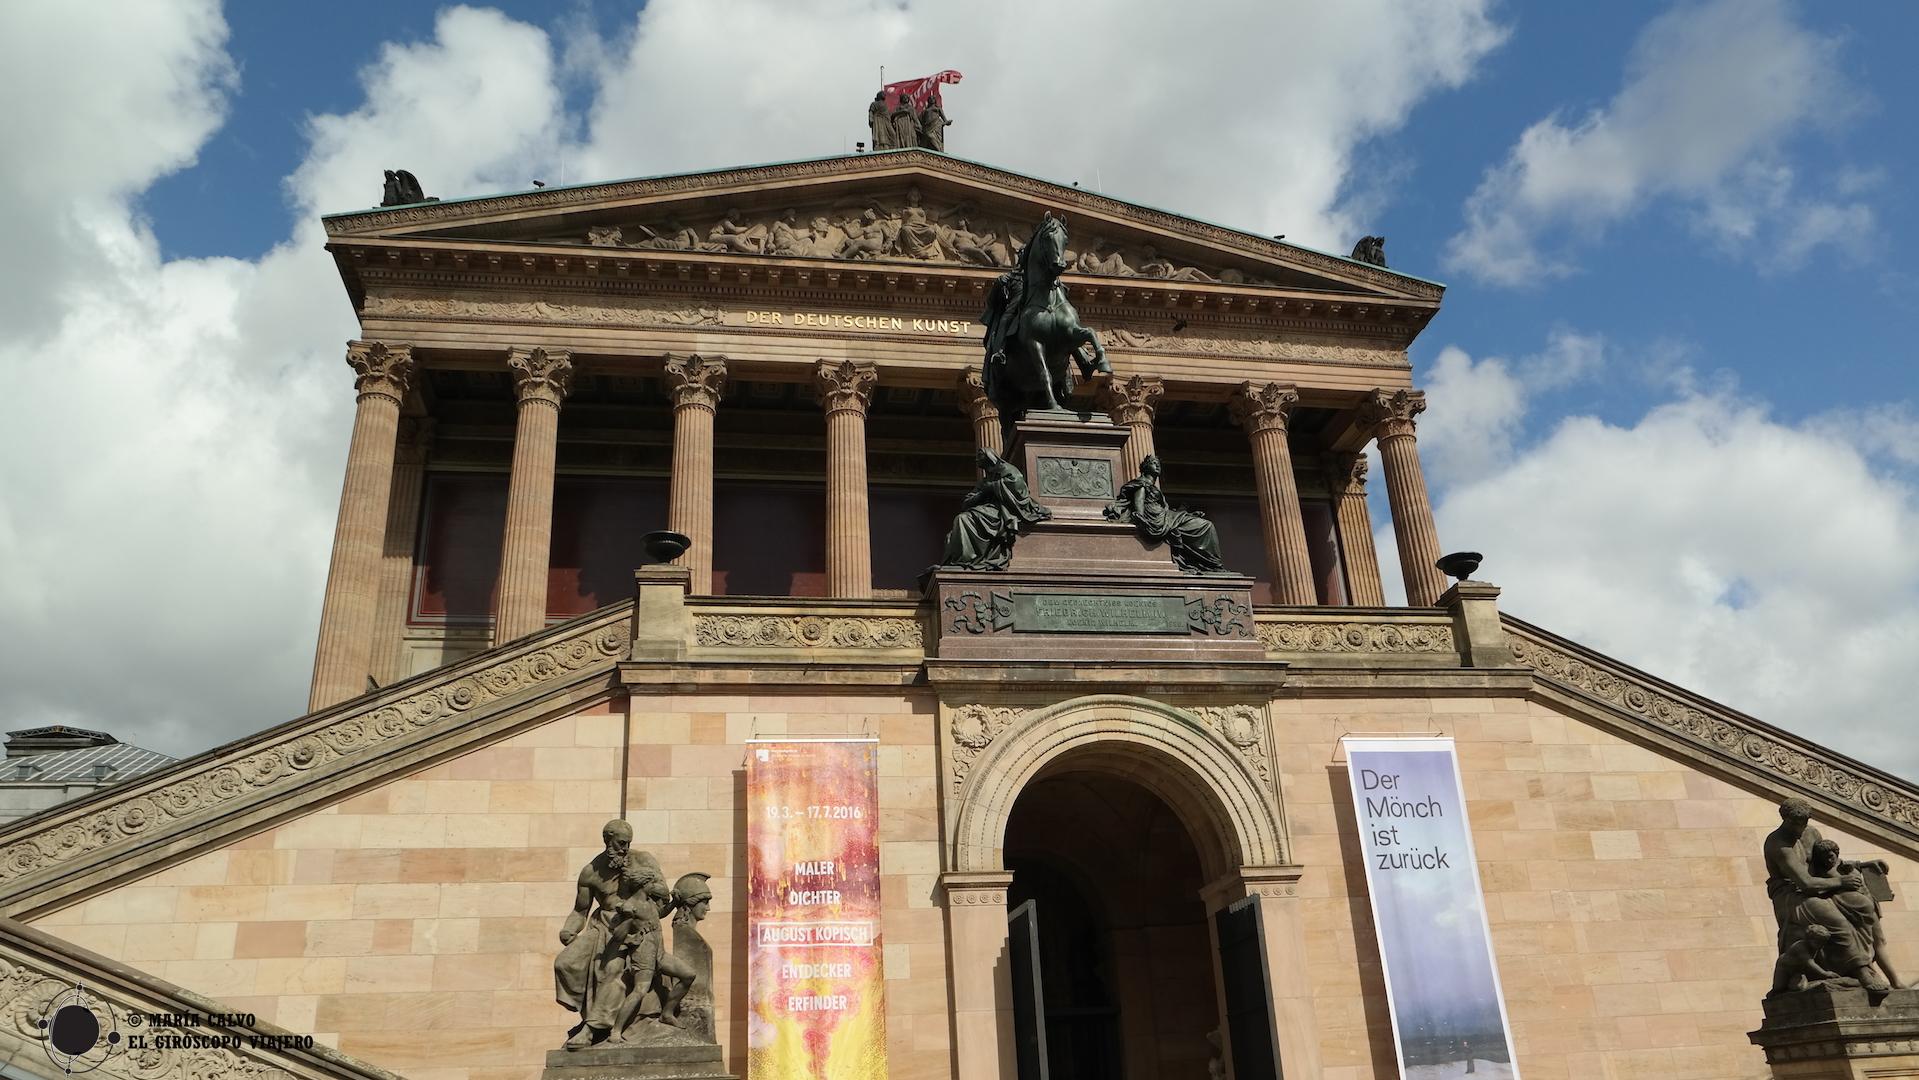 La Galería Nacional Antigua (Alte Nationalgalerie)